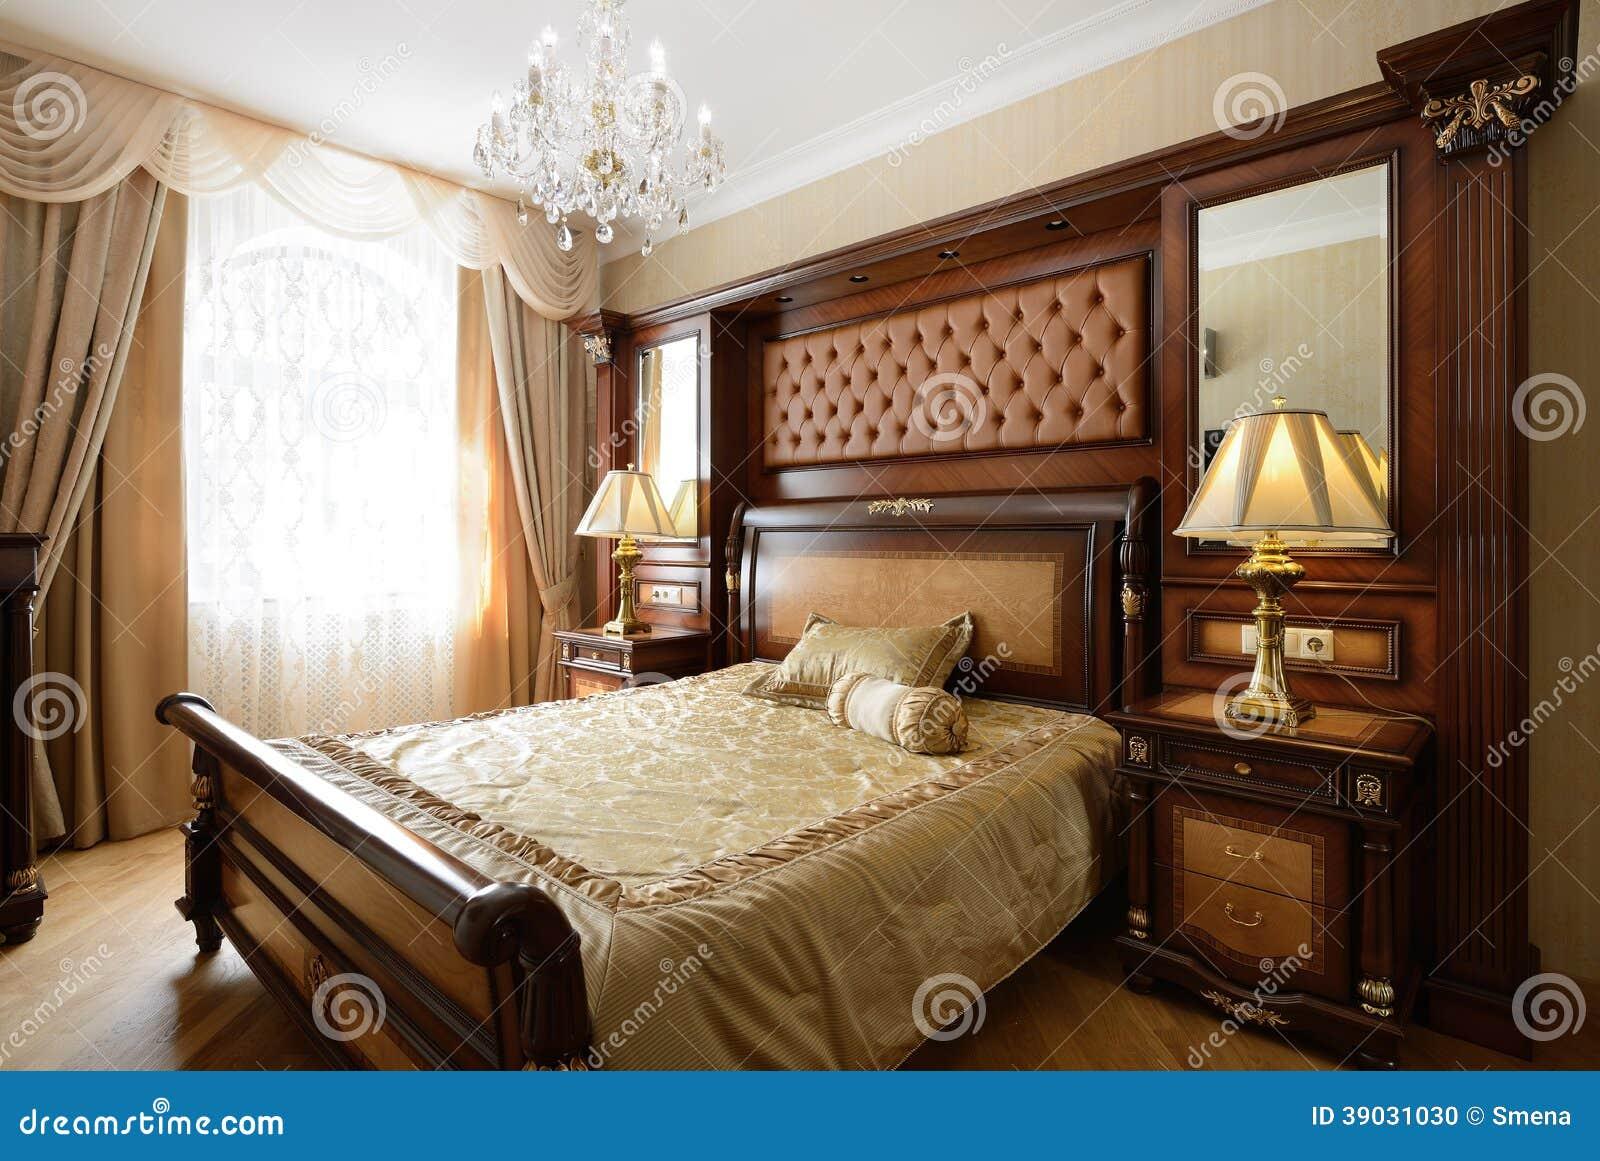 Camere da letto di lusso ol33 regardsdefemmes - Camere da letto classiche di lusso ...